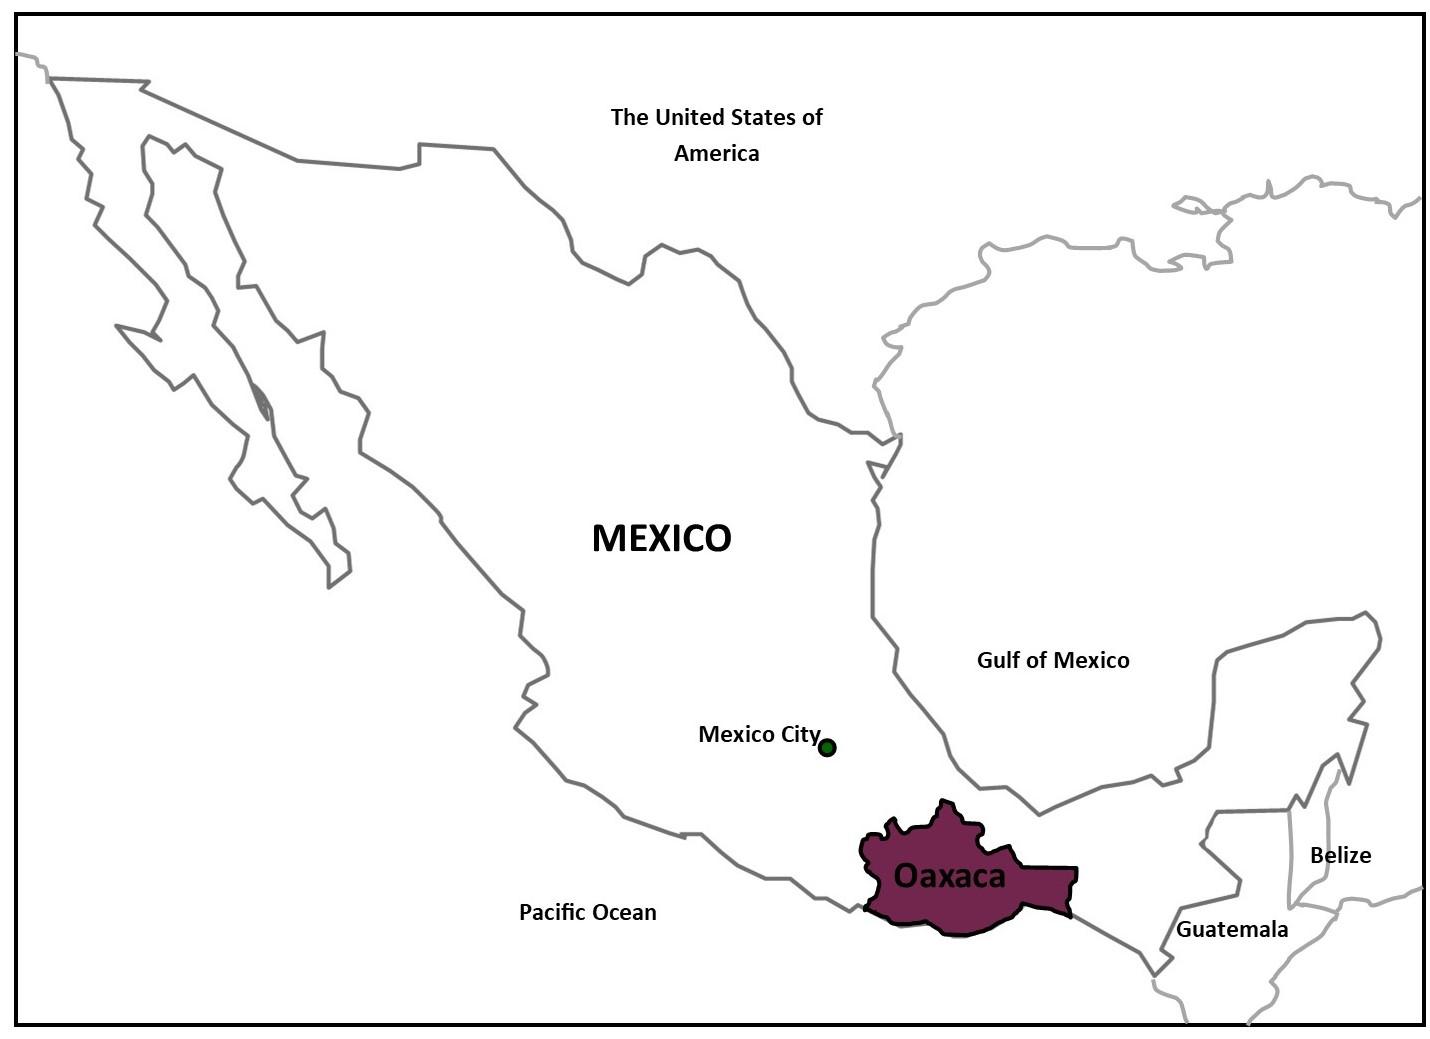 000z Oaxaca map 1